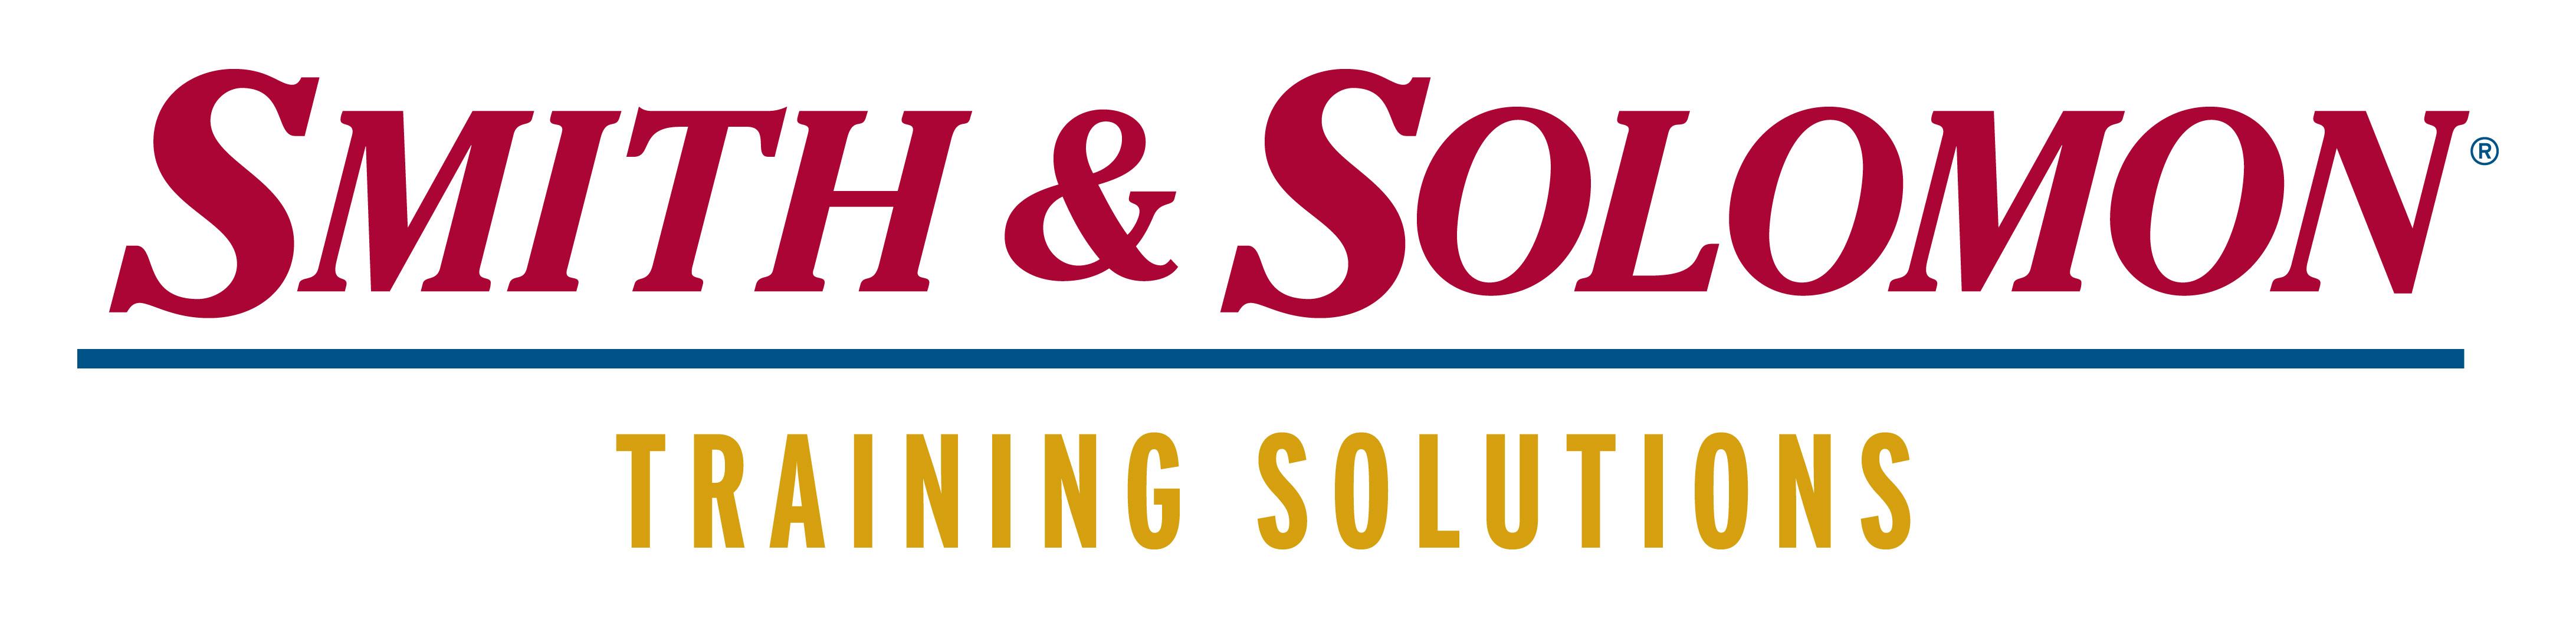 FNL_S_S_TS_Logo.jpg